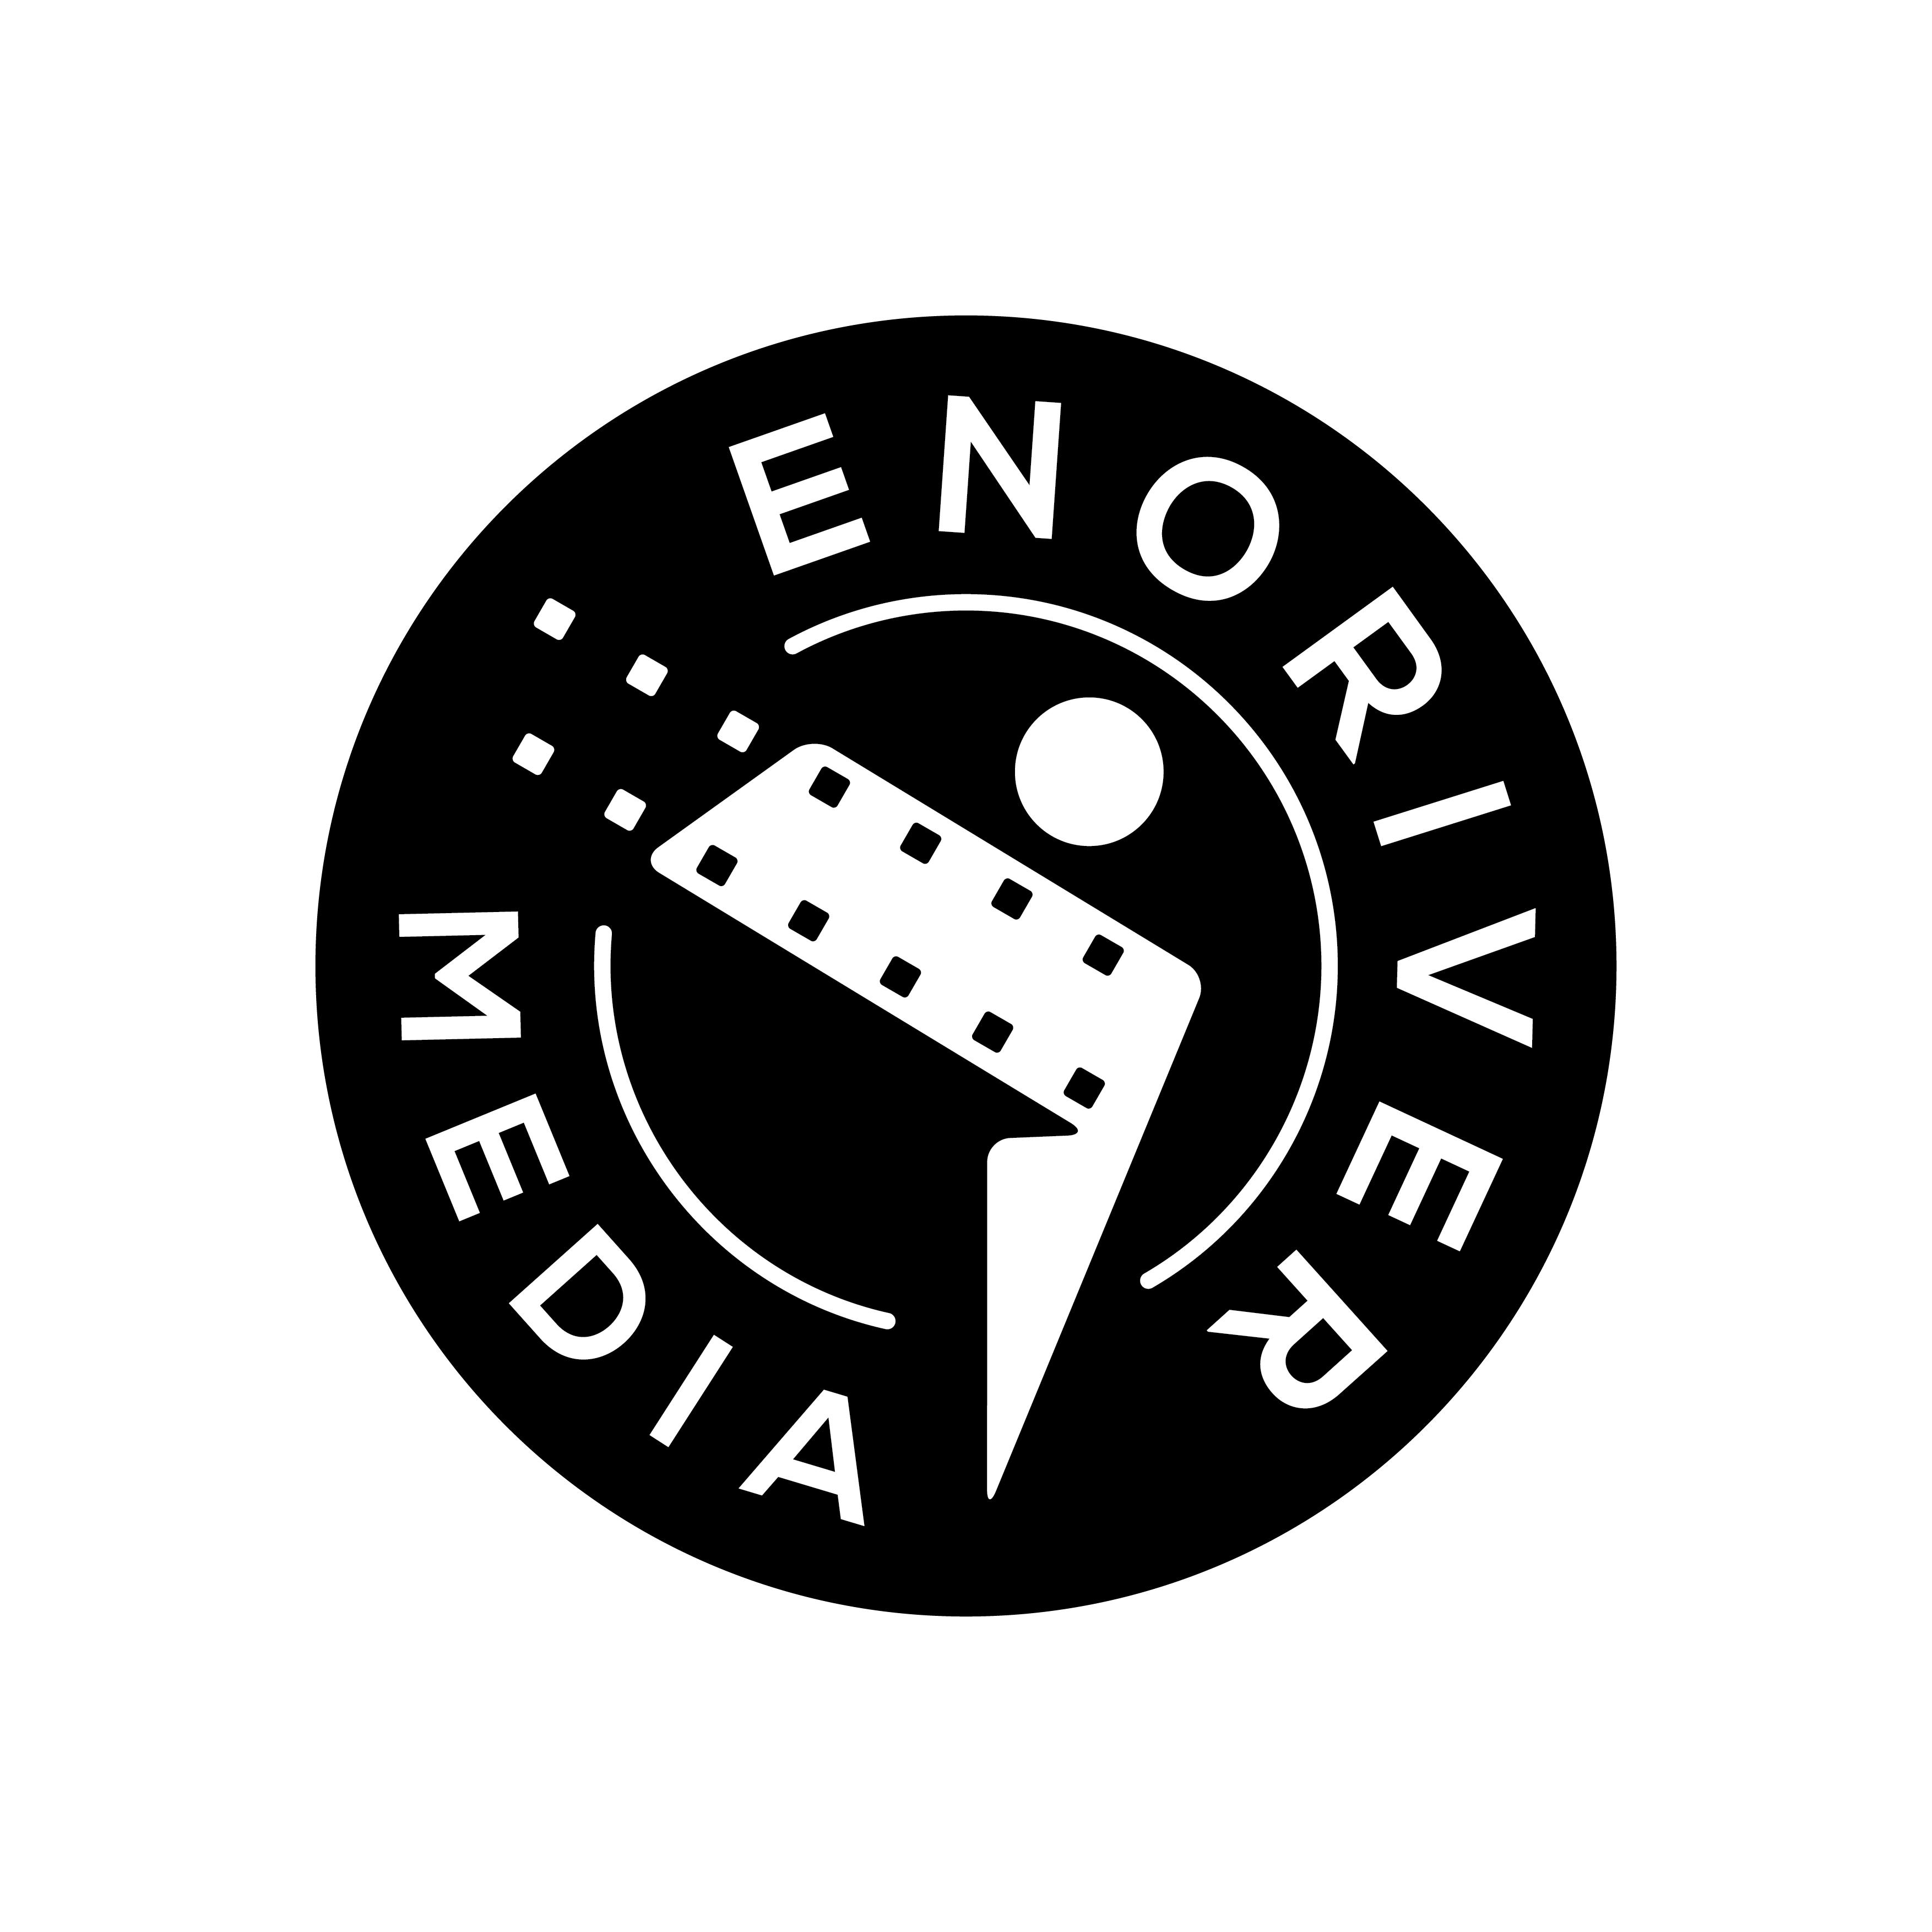 Eno River Media